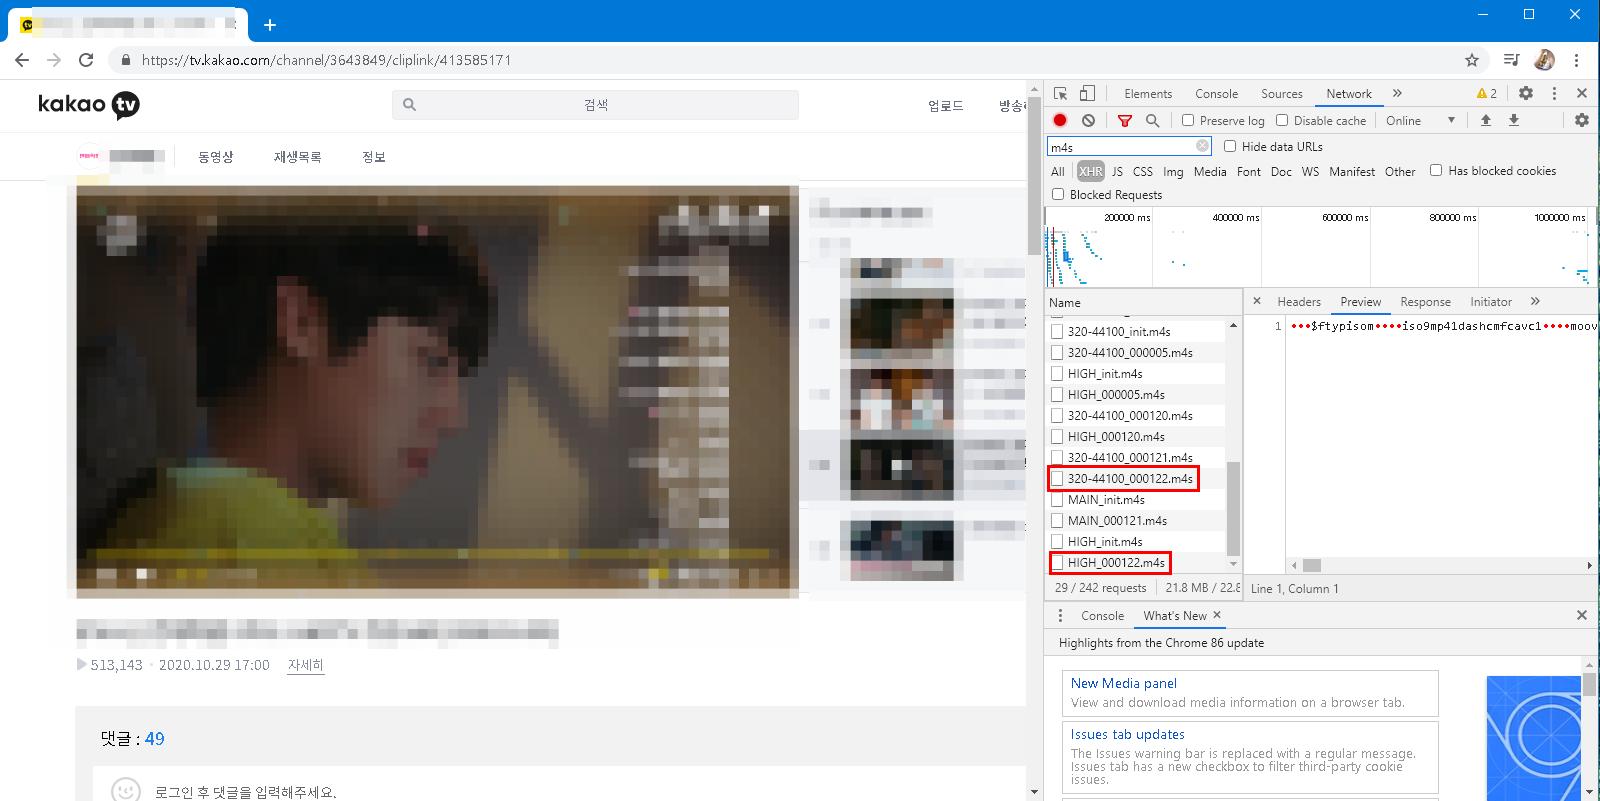 카카오TV 동영상 다운로드 세그먼트 확인